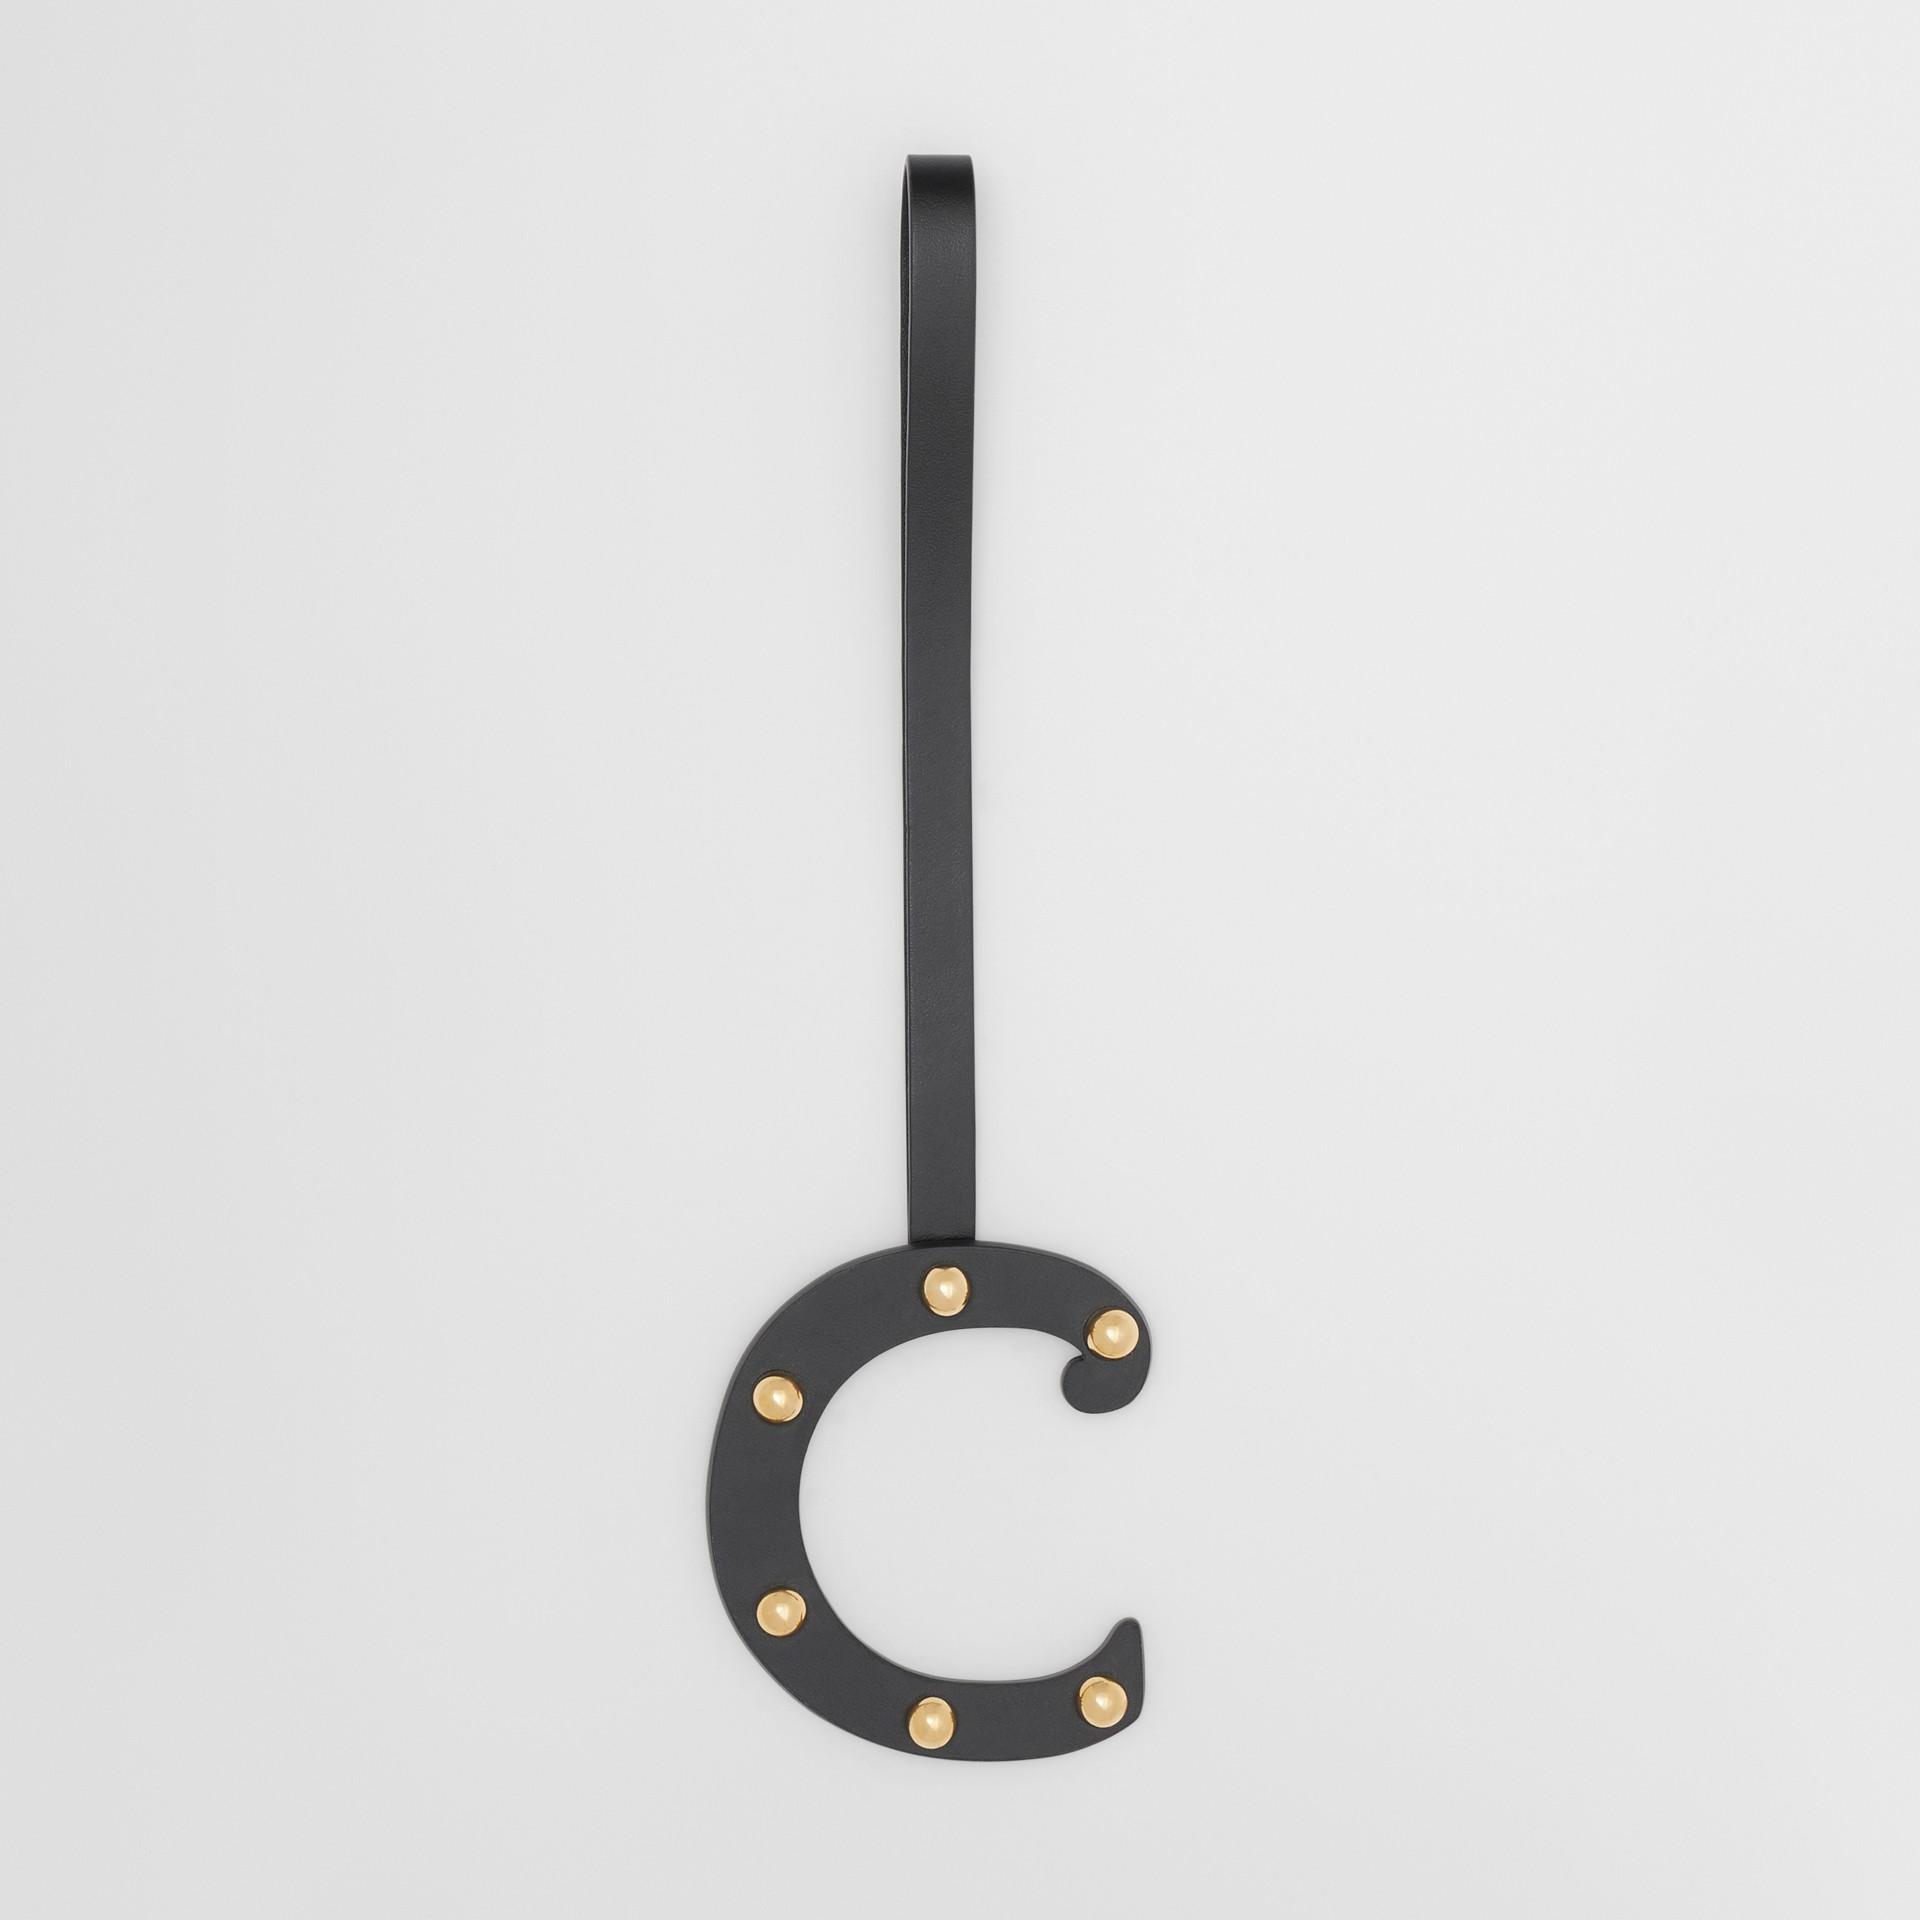 Taschenanhänger aus Leder in C-Form mit Ziernieten (Schwarz/helles Goldfarben) - Damen | Burberry - Galerie-Bild 0